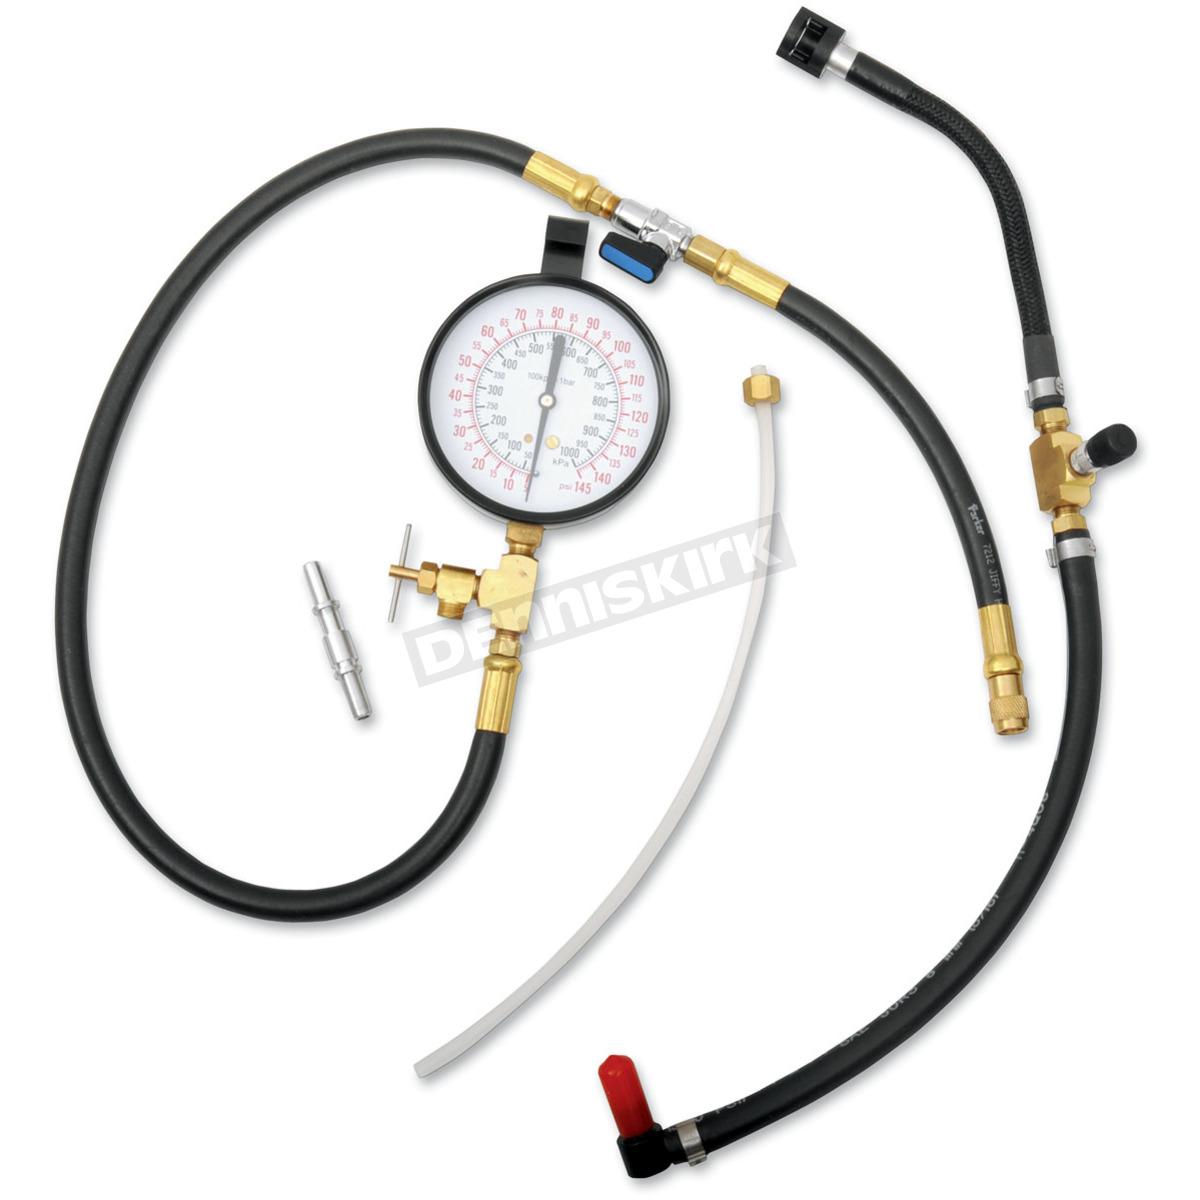 Acura Fuel Pressure Test Tool